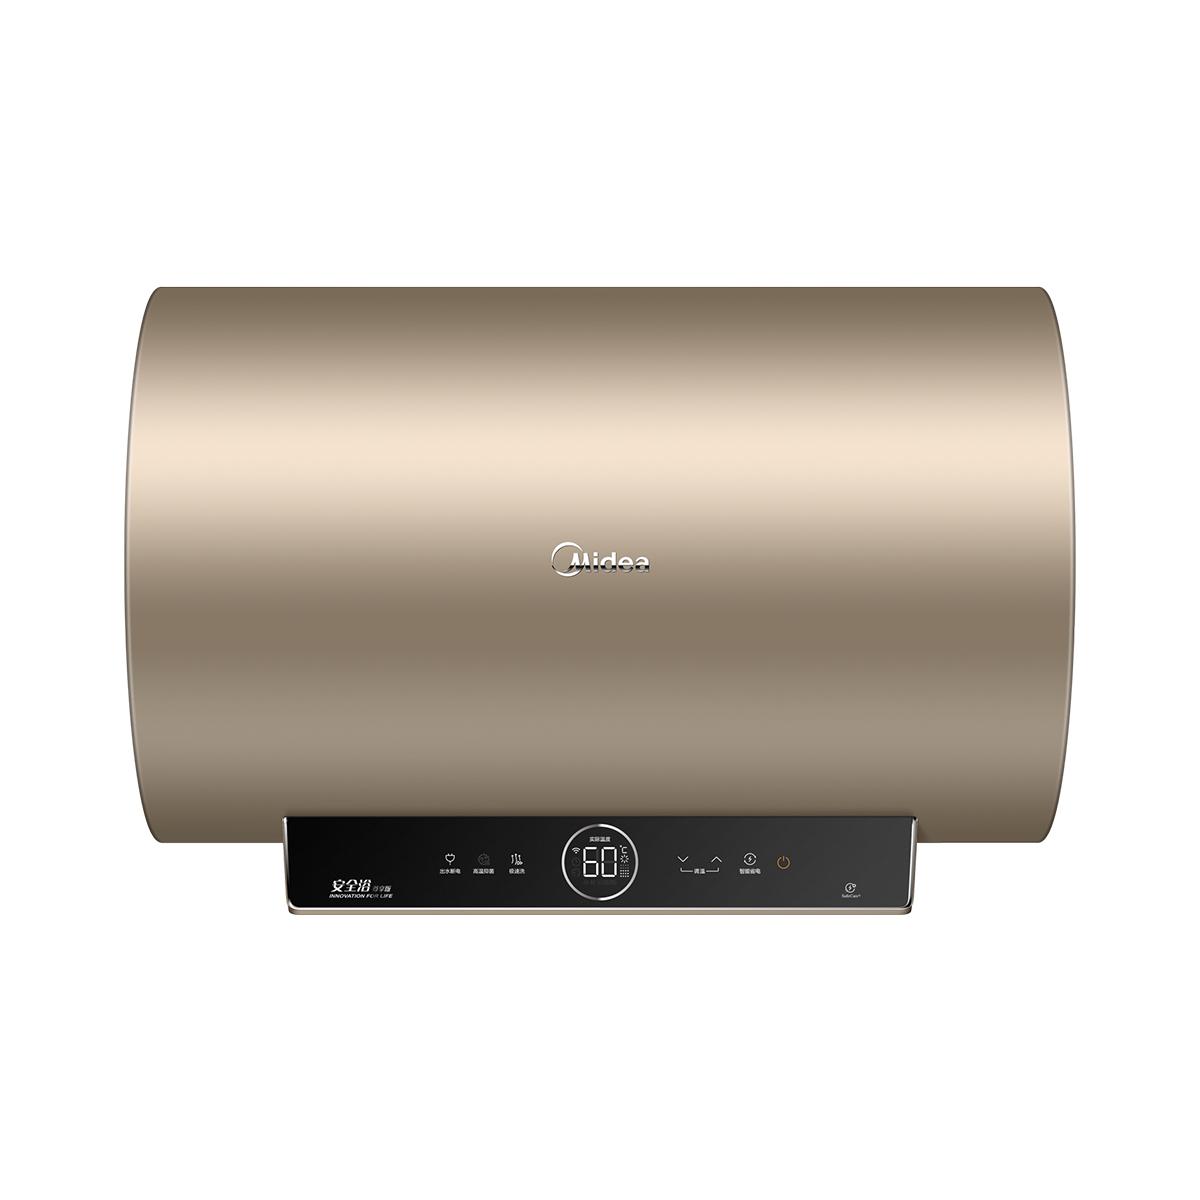 Midea/美的 F6030-A9(HE)电热水器 说明书.pdf